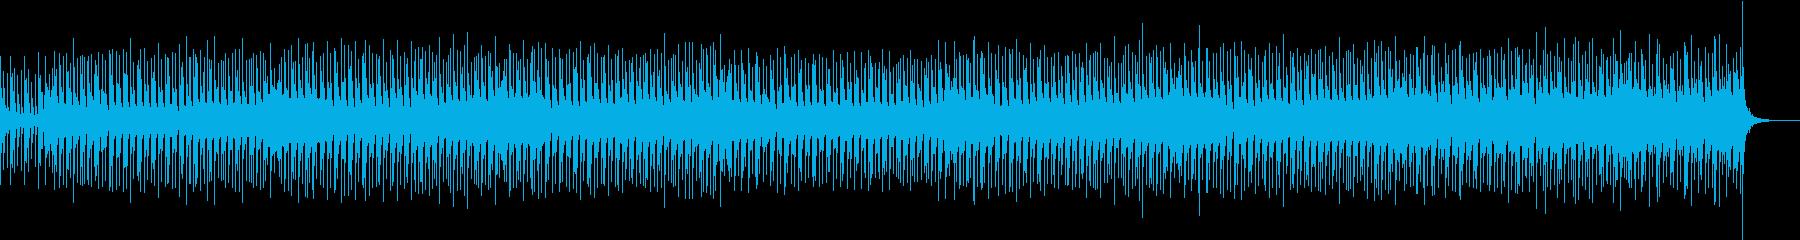 妖しげなサーカスを連想させる楽曲の再生済みの波形